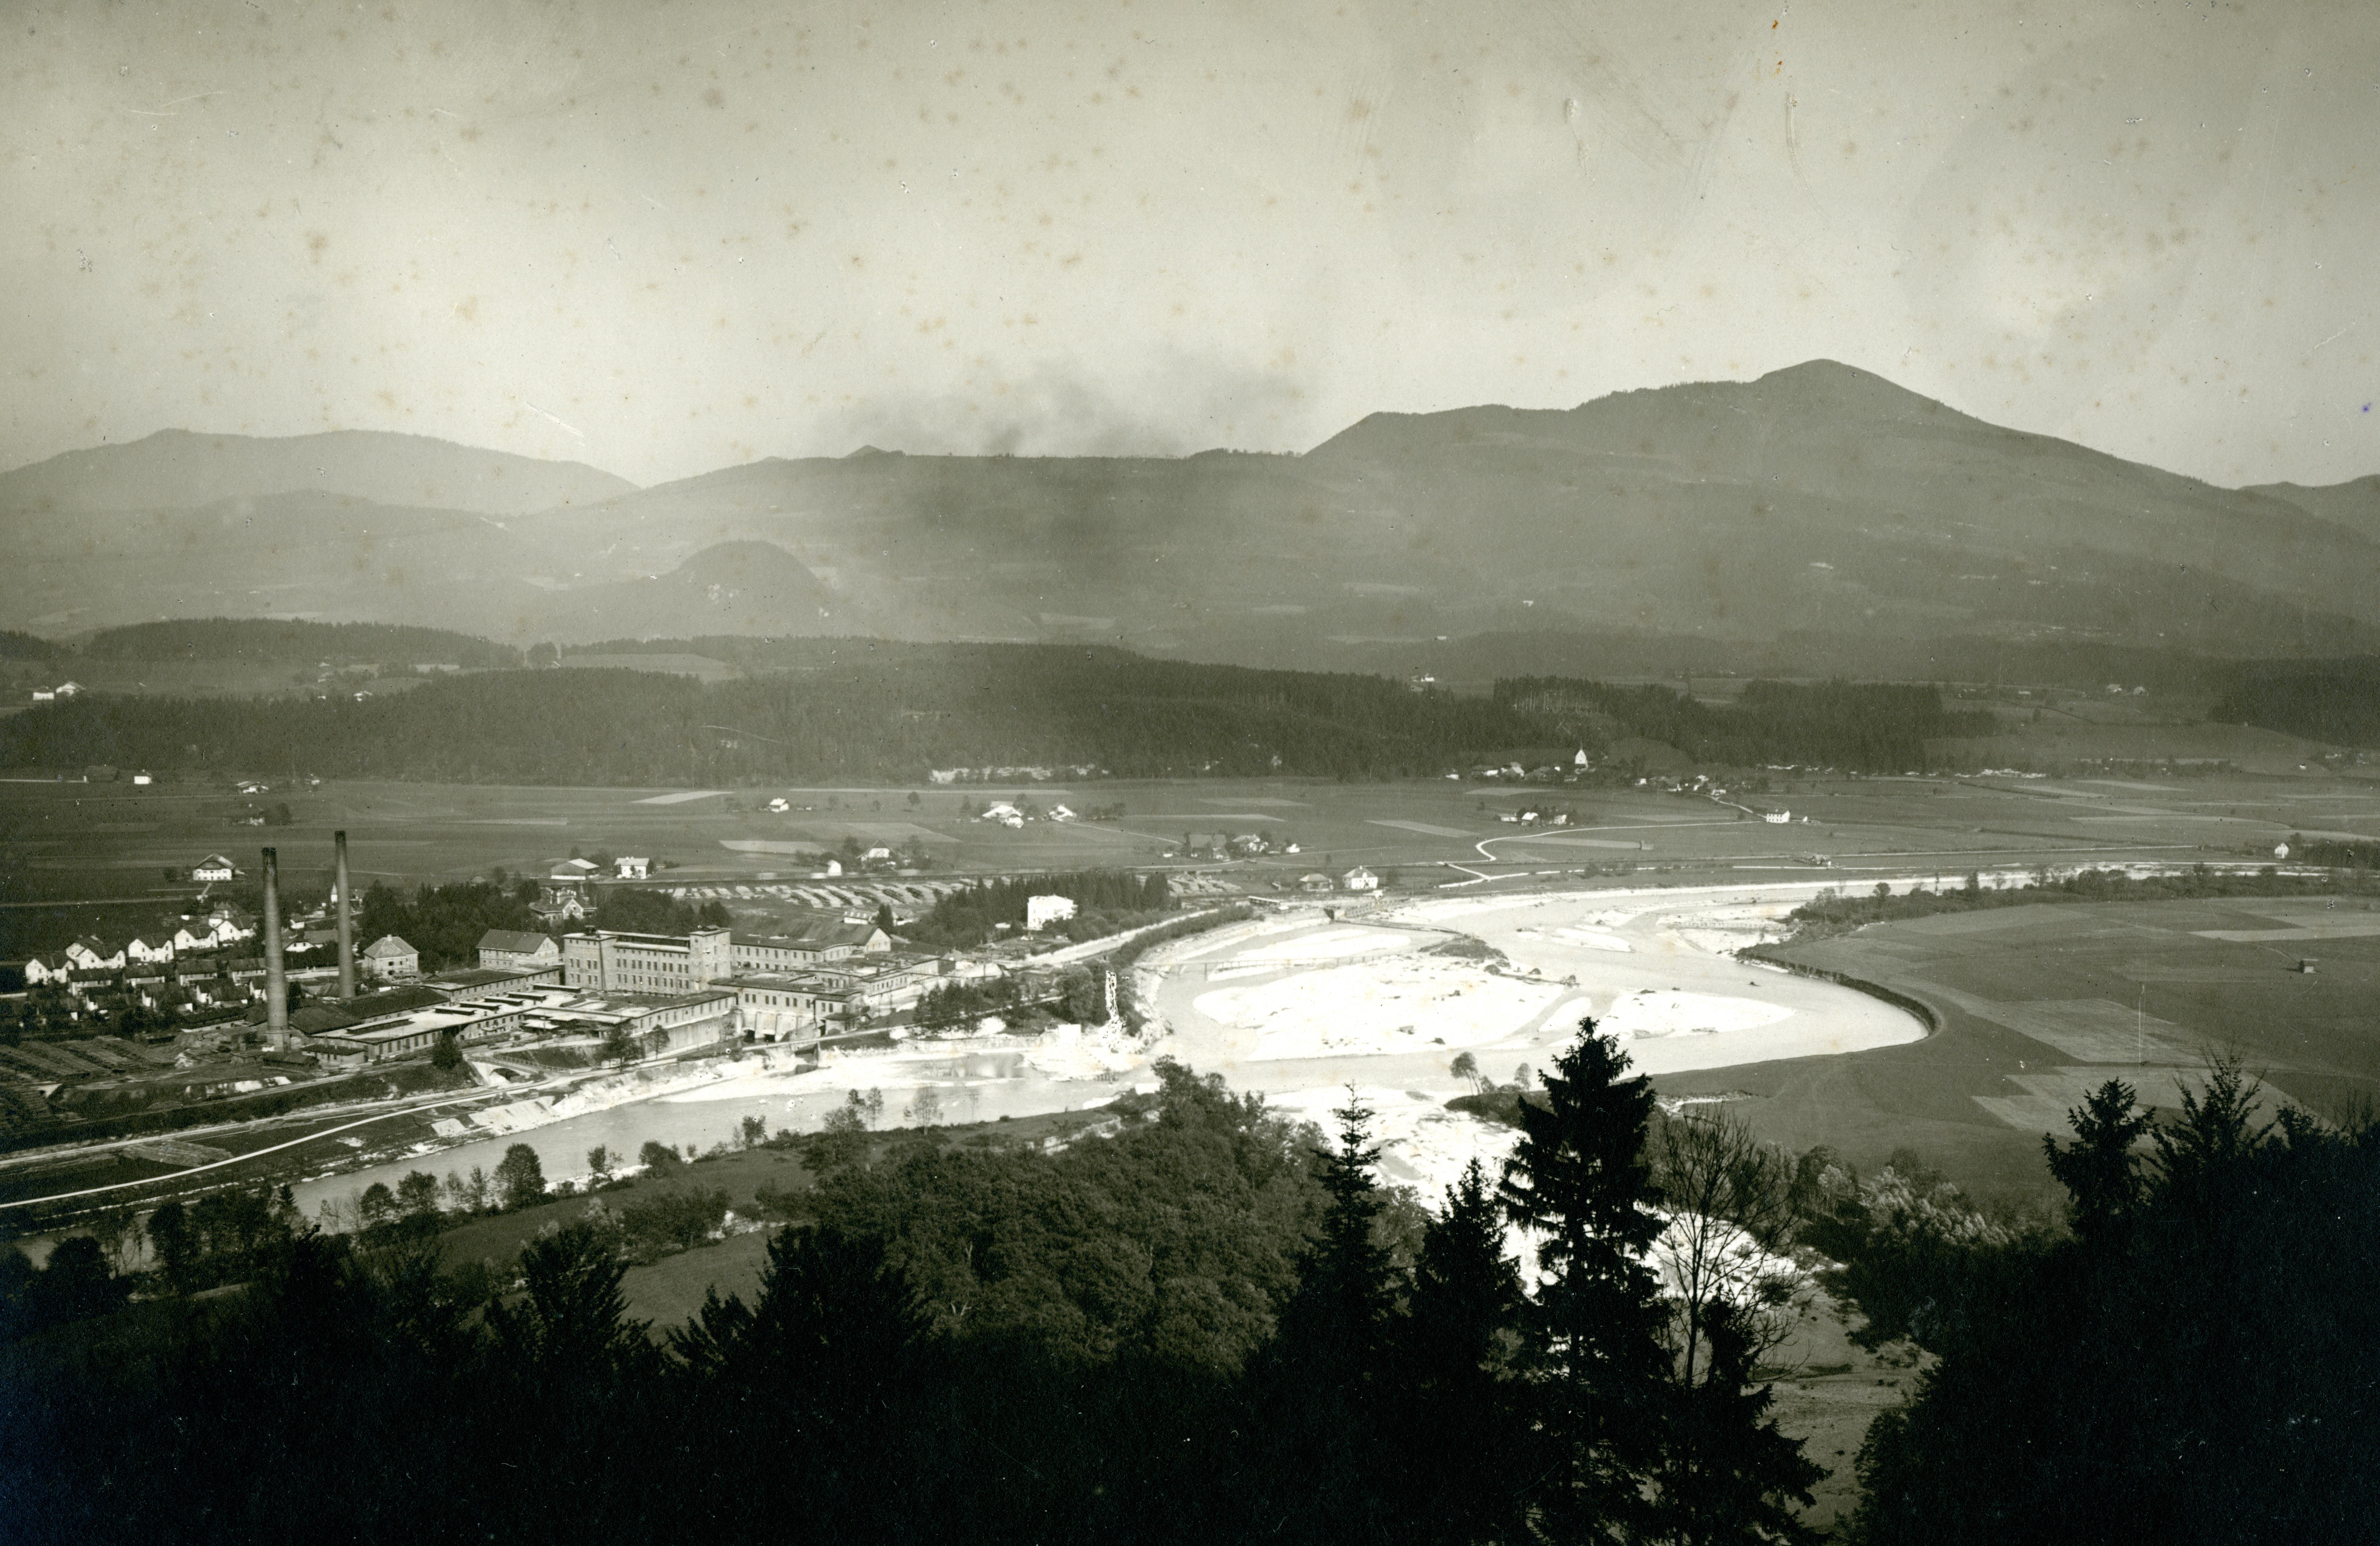 Die Zellulosefabrik trug erheblich zur Industrialisierung Halleins bei. © Stadtarchiv Hallein